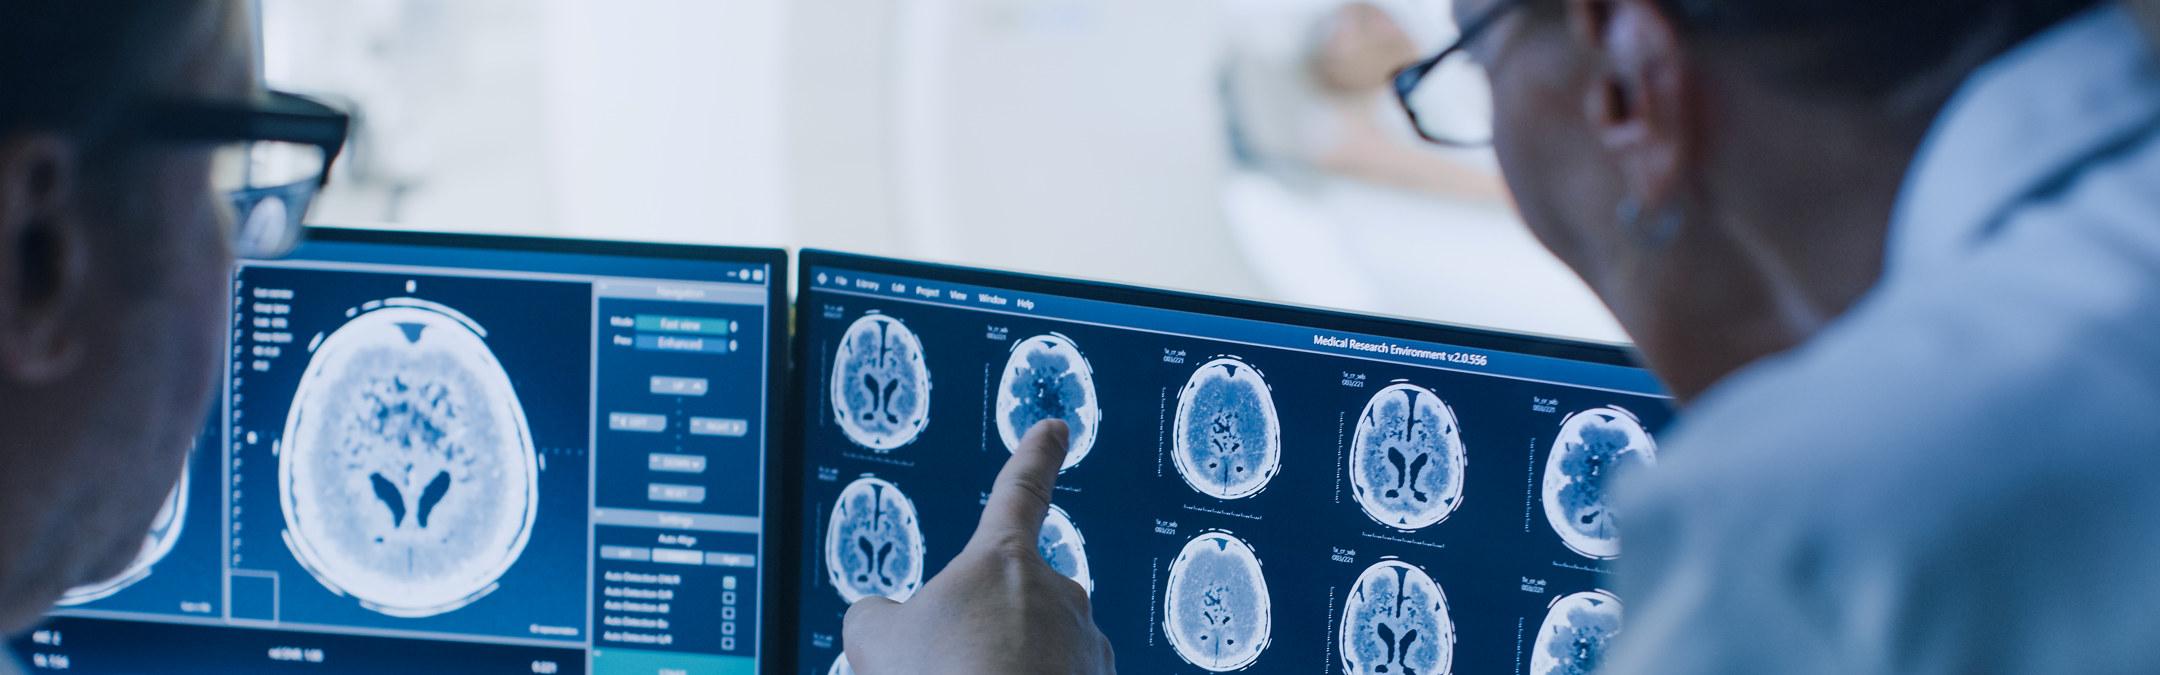 Lege og radiolog diskuterer resultater av hjerneskanninger som de ser på en skjerm.